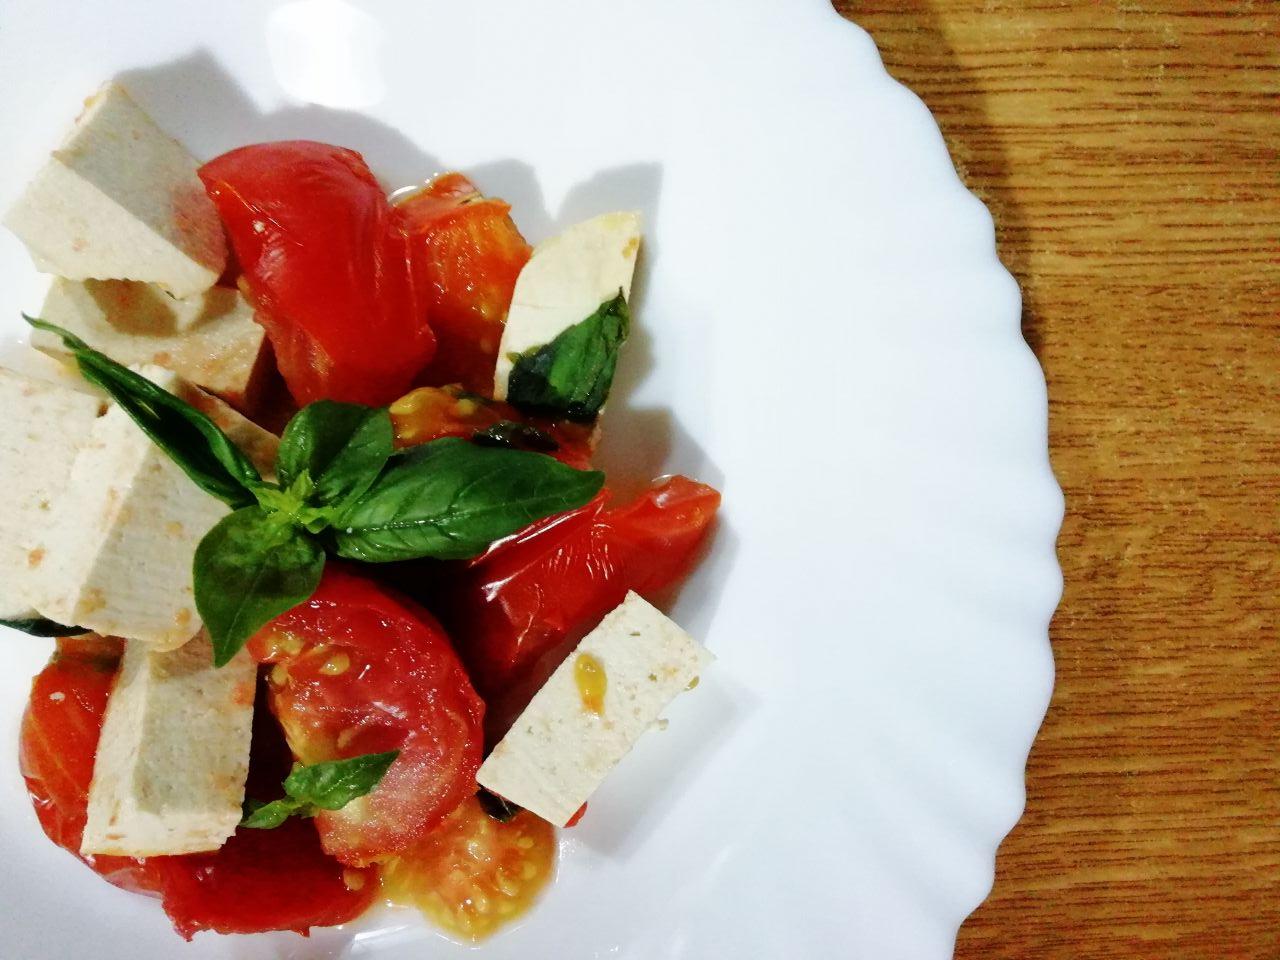 Ricette vegetariane semplici: tofu al pomodoro e basilico!